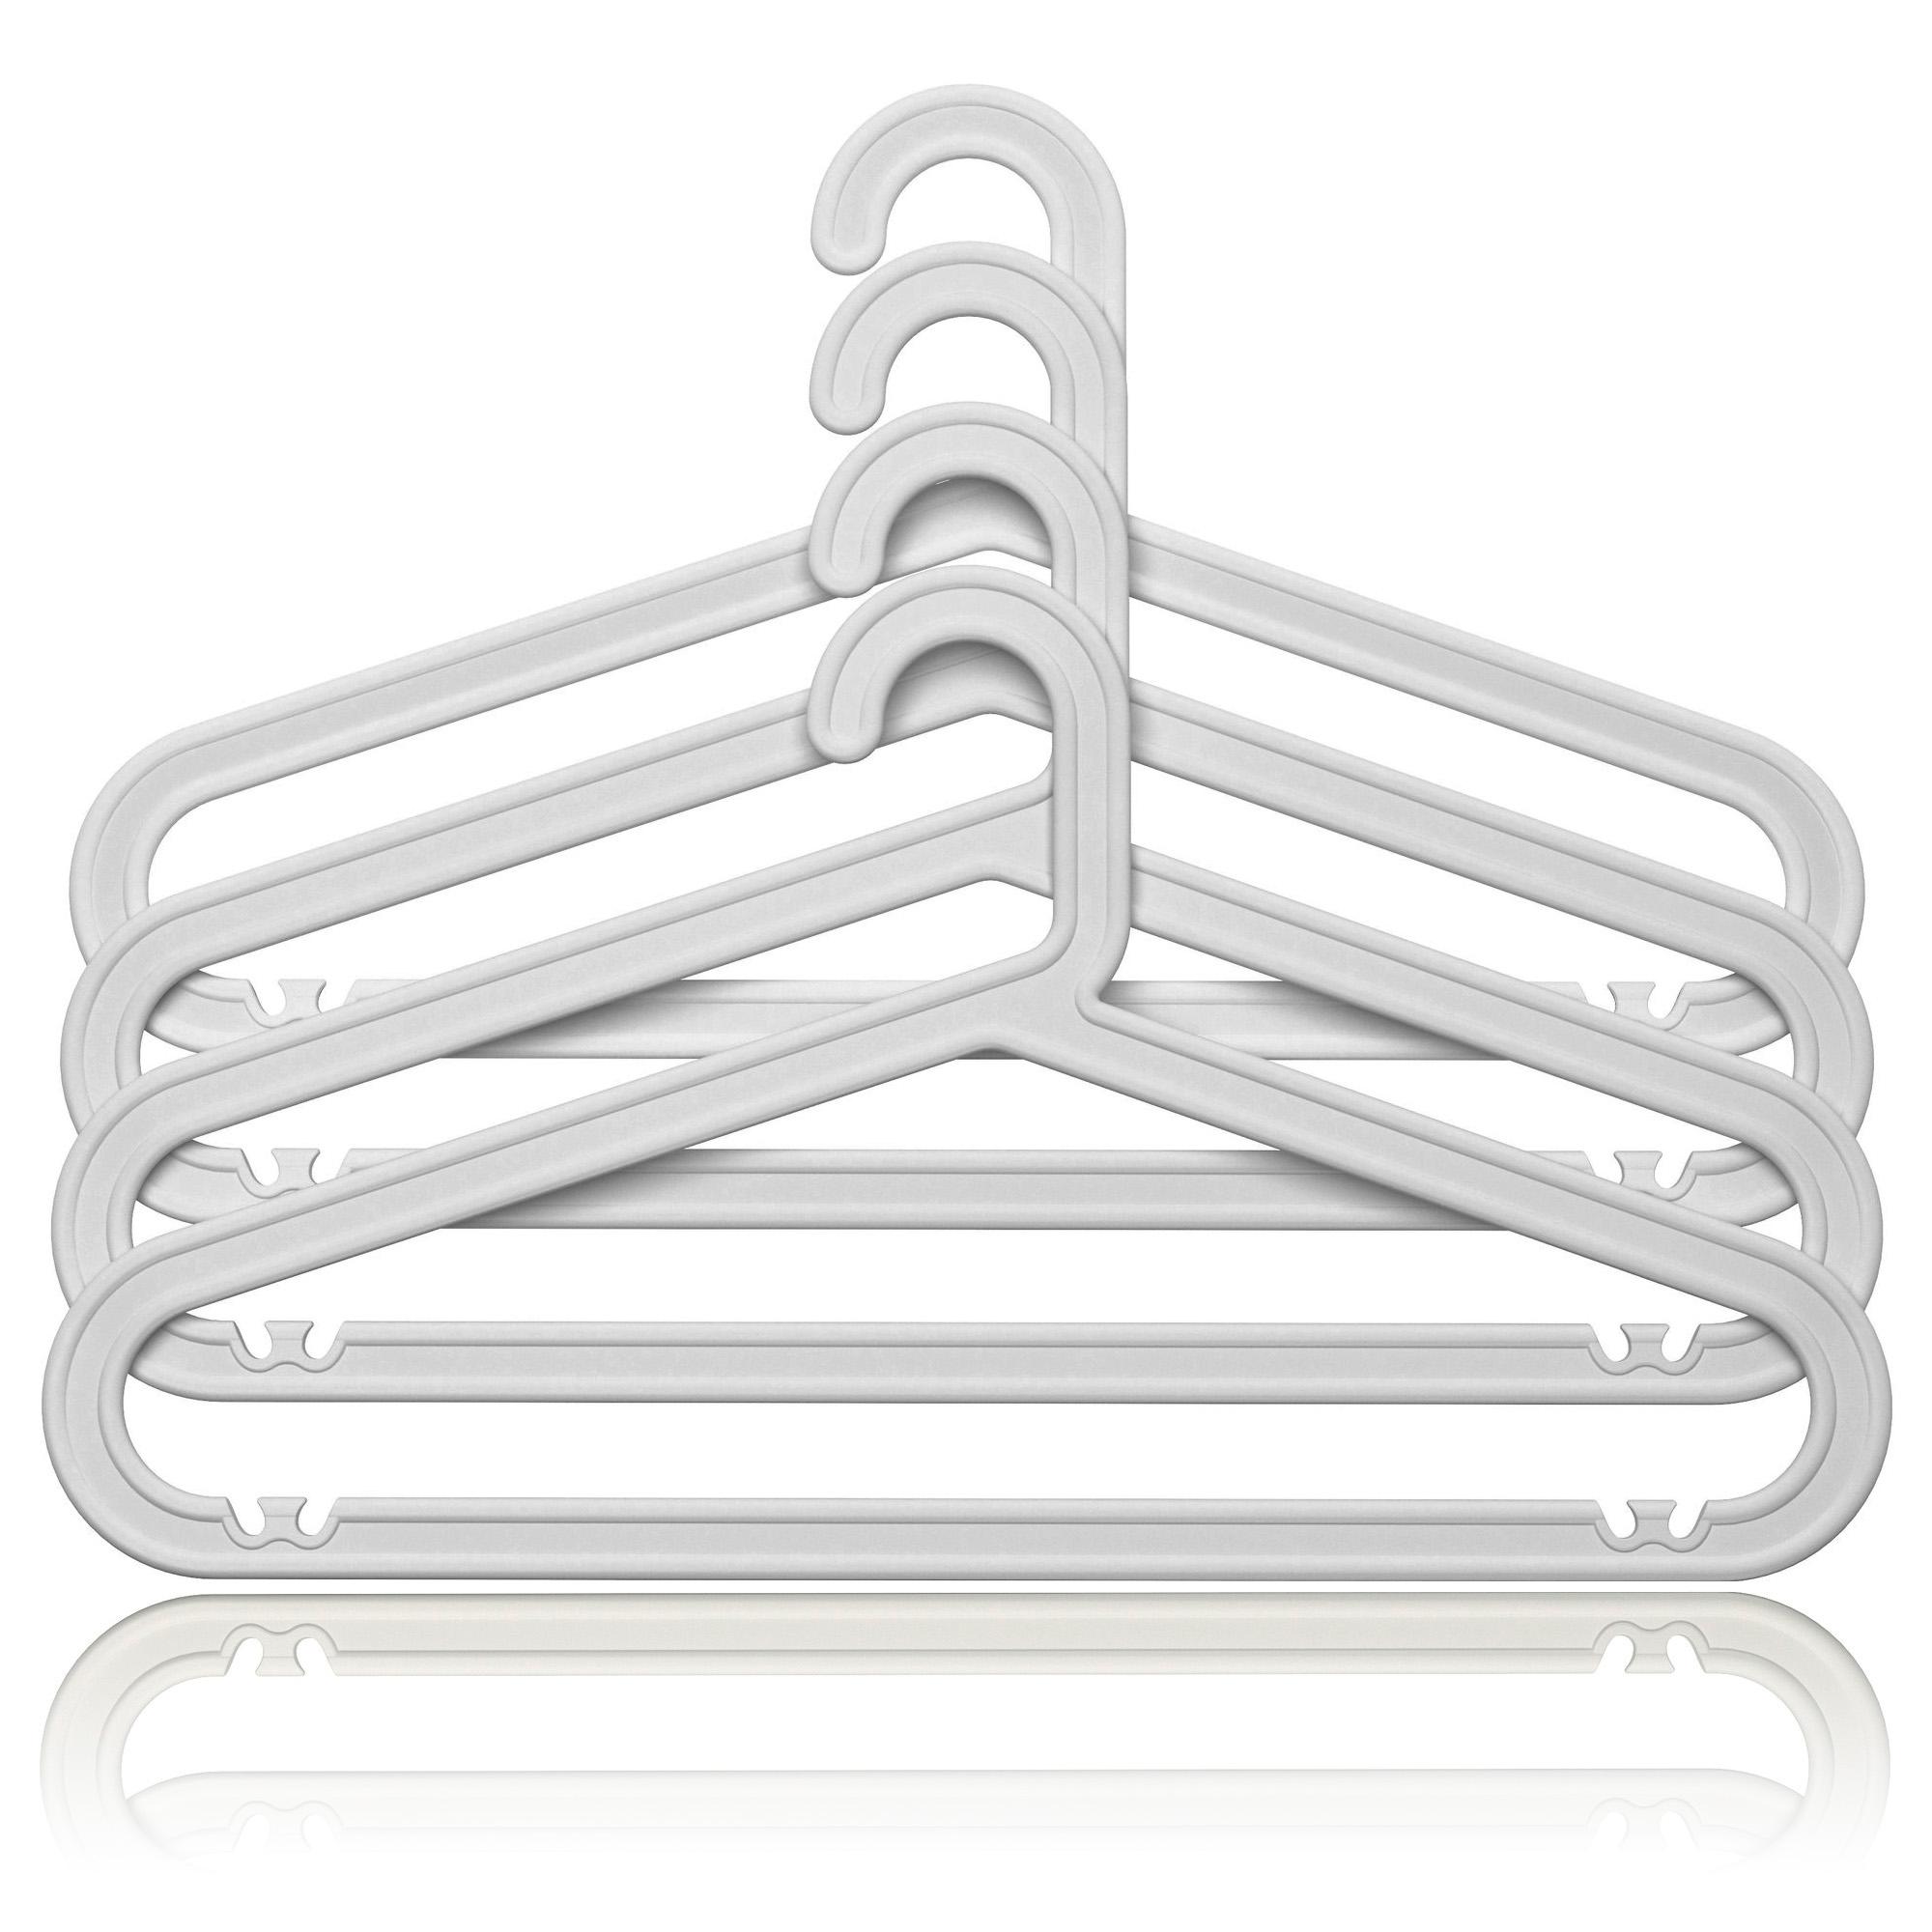 Ikea Bagis Wieszak Wieszaki Na Ubrania Biały 25szt